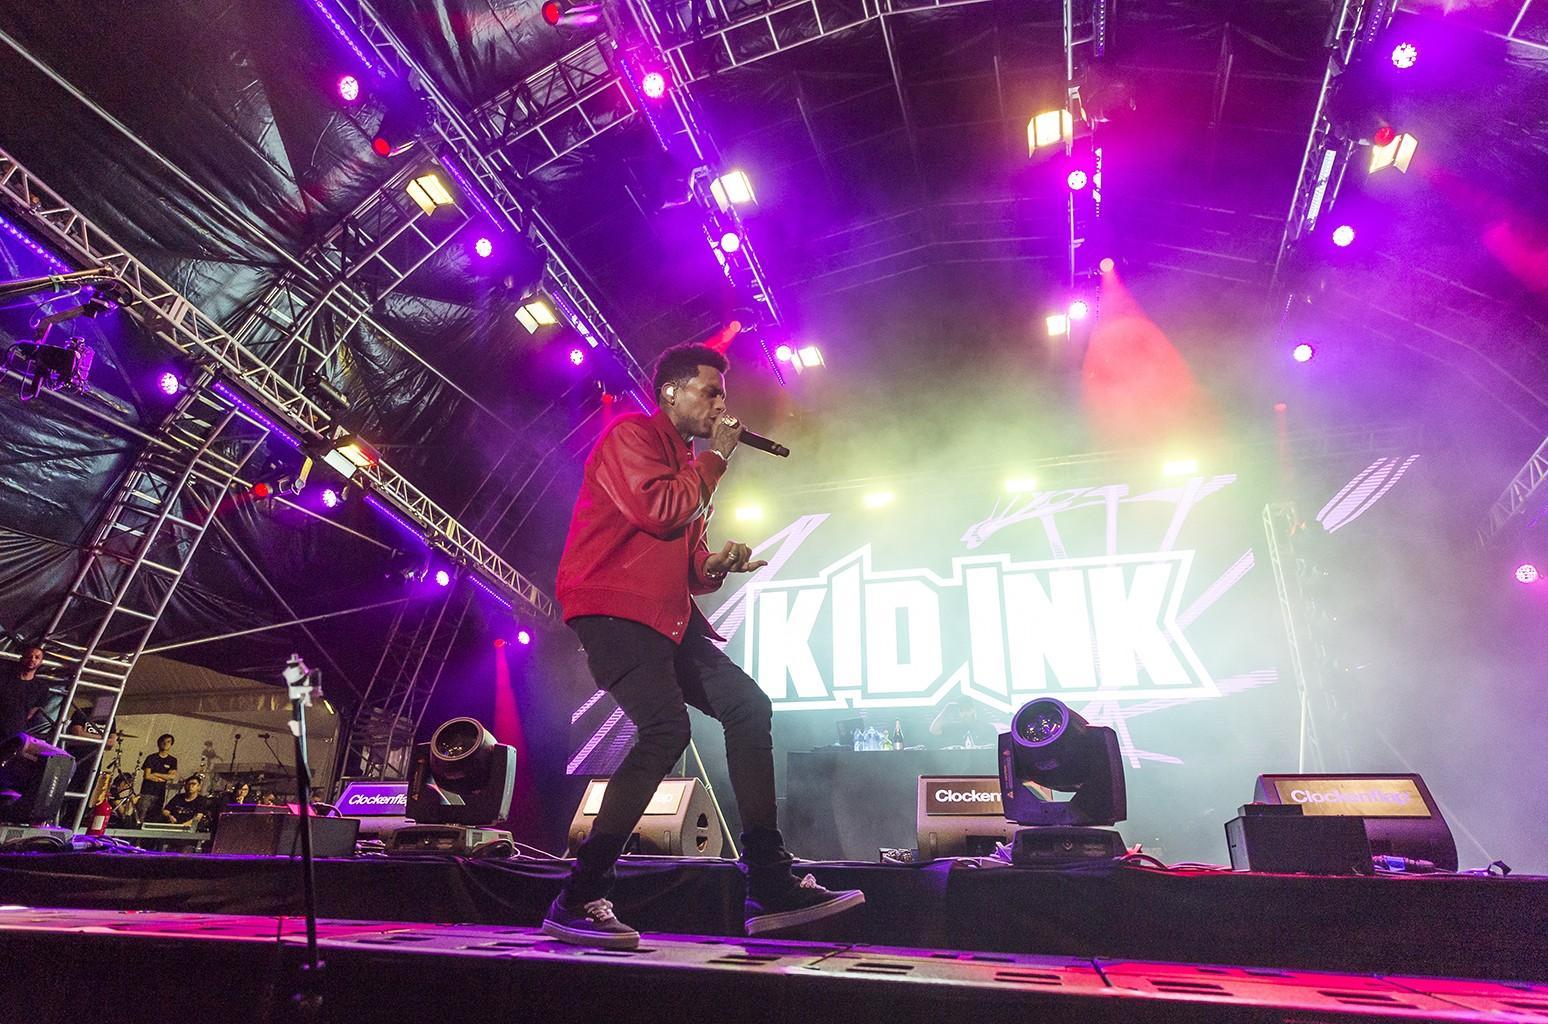 Kid Ink performs at Clockenflap Hong Kong.